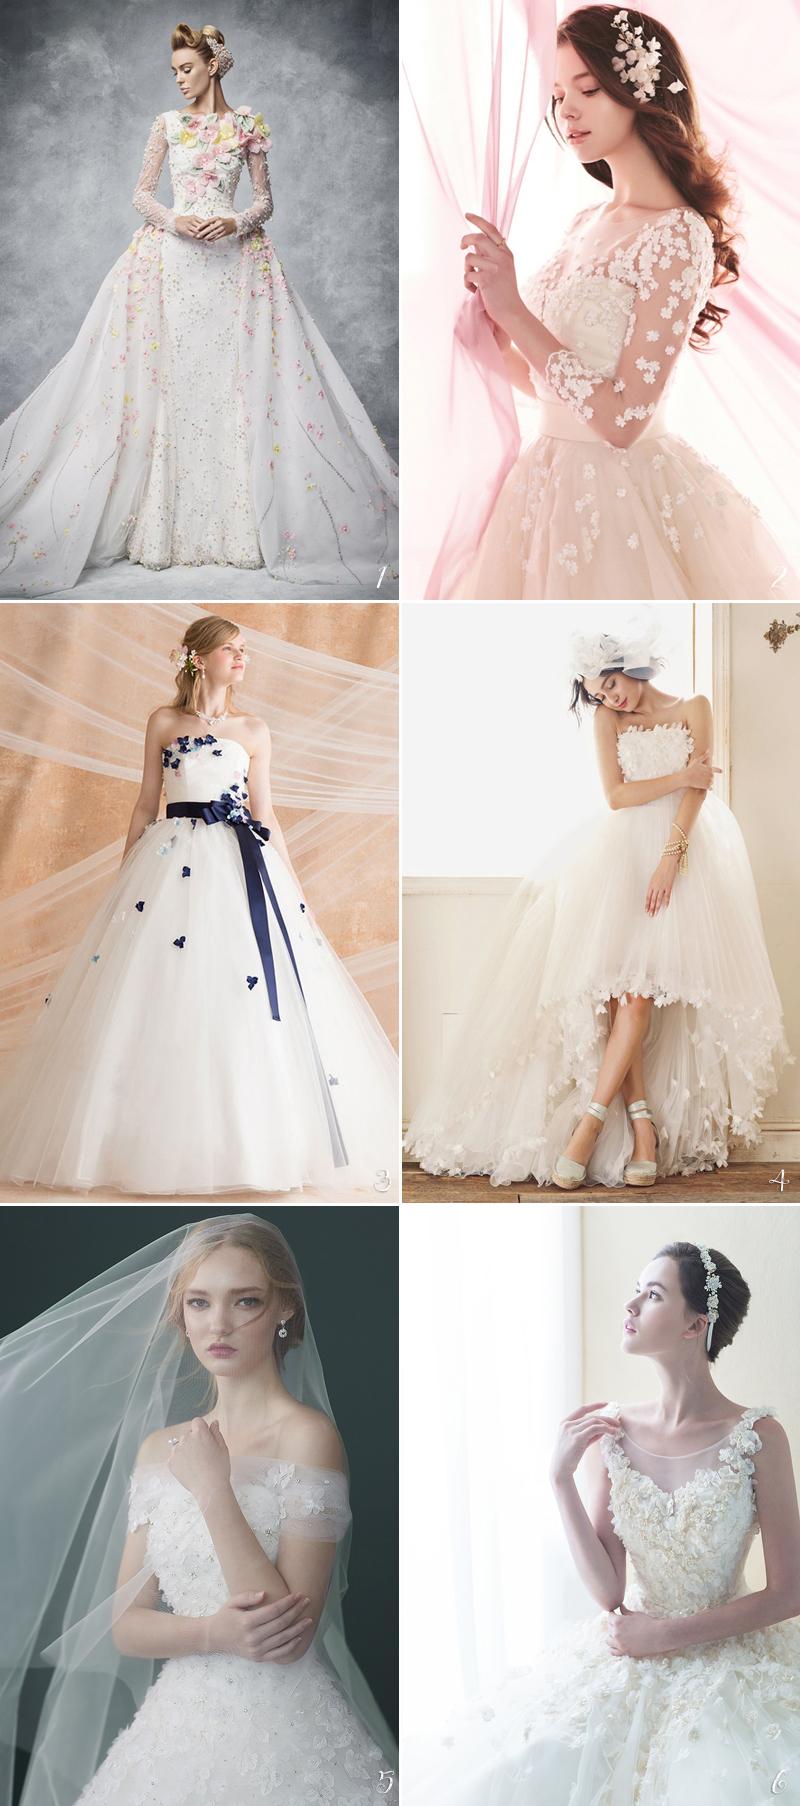 colorful 3D Floral design for wedding dress